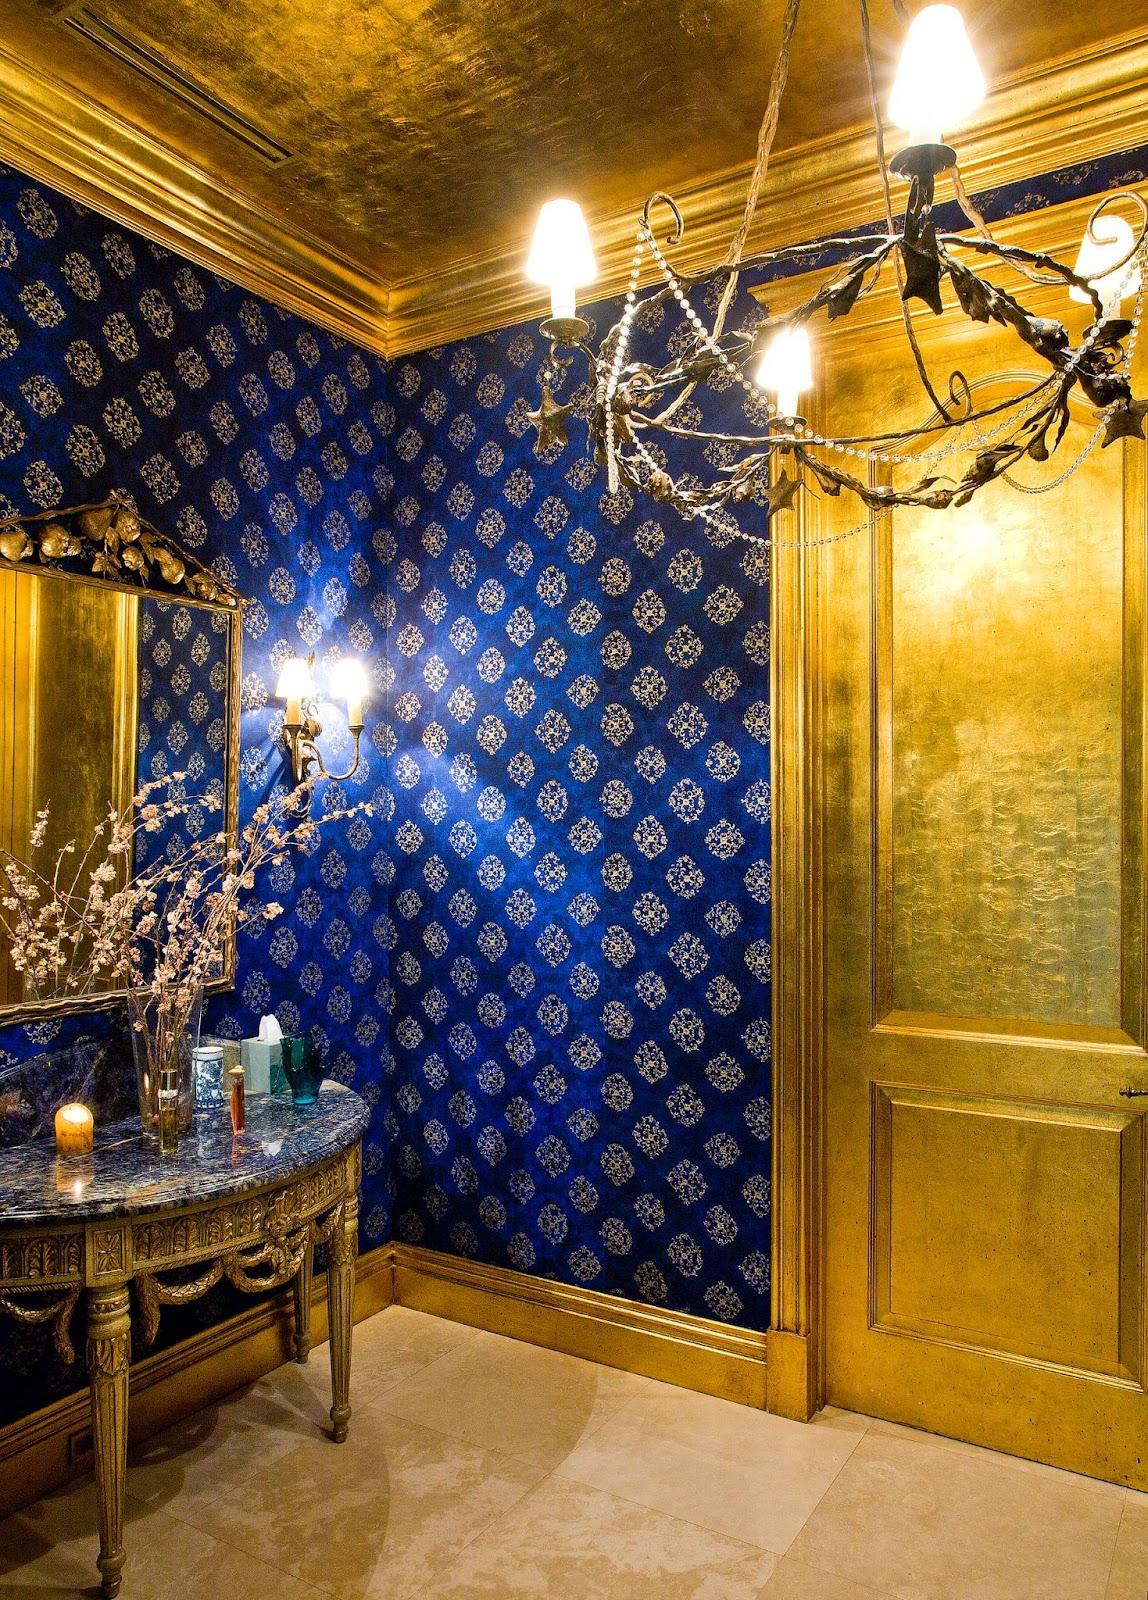 Sơn hiệu ứng Waldo-Dát vàng lá dành cho thiết kế khách sạn